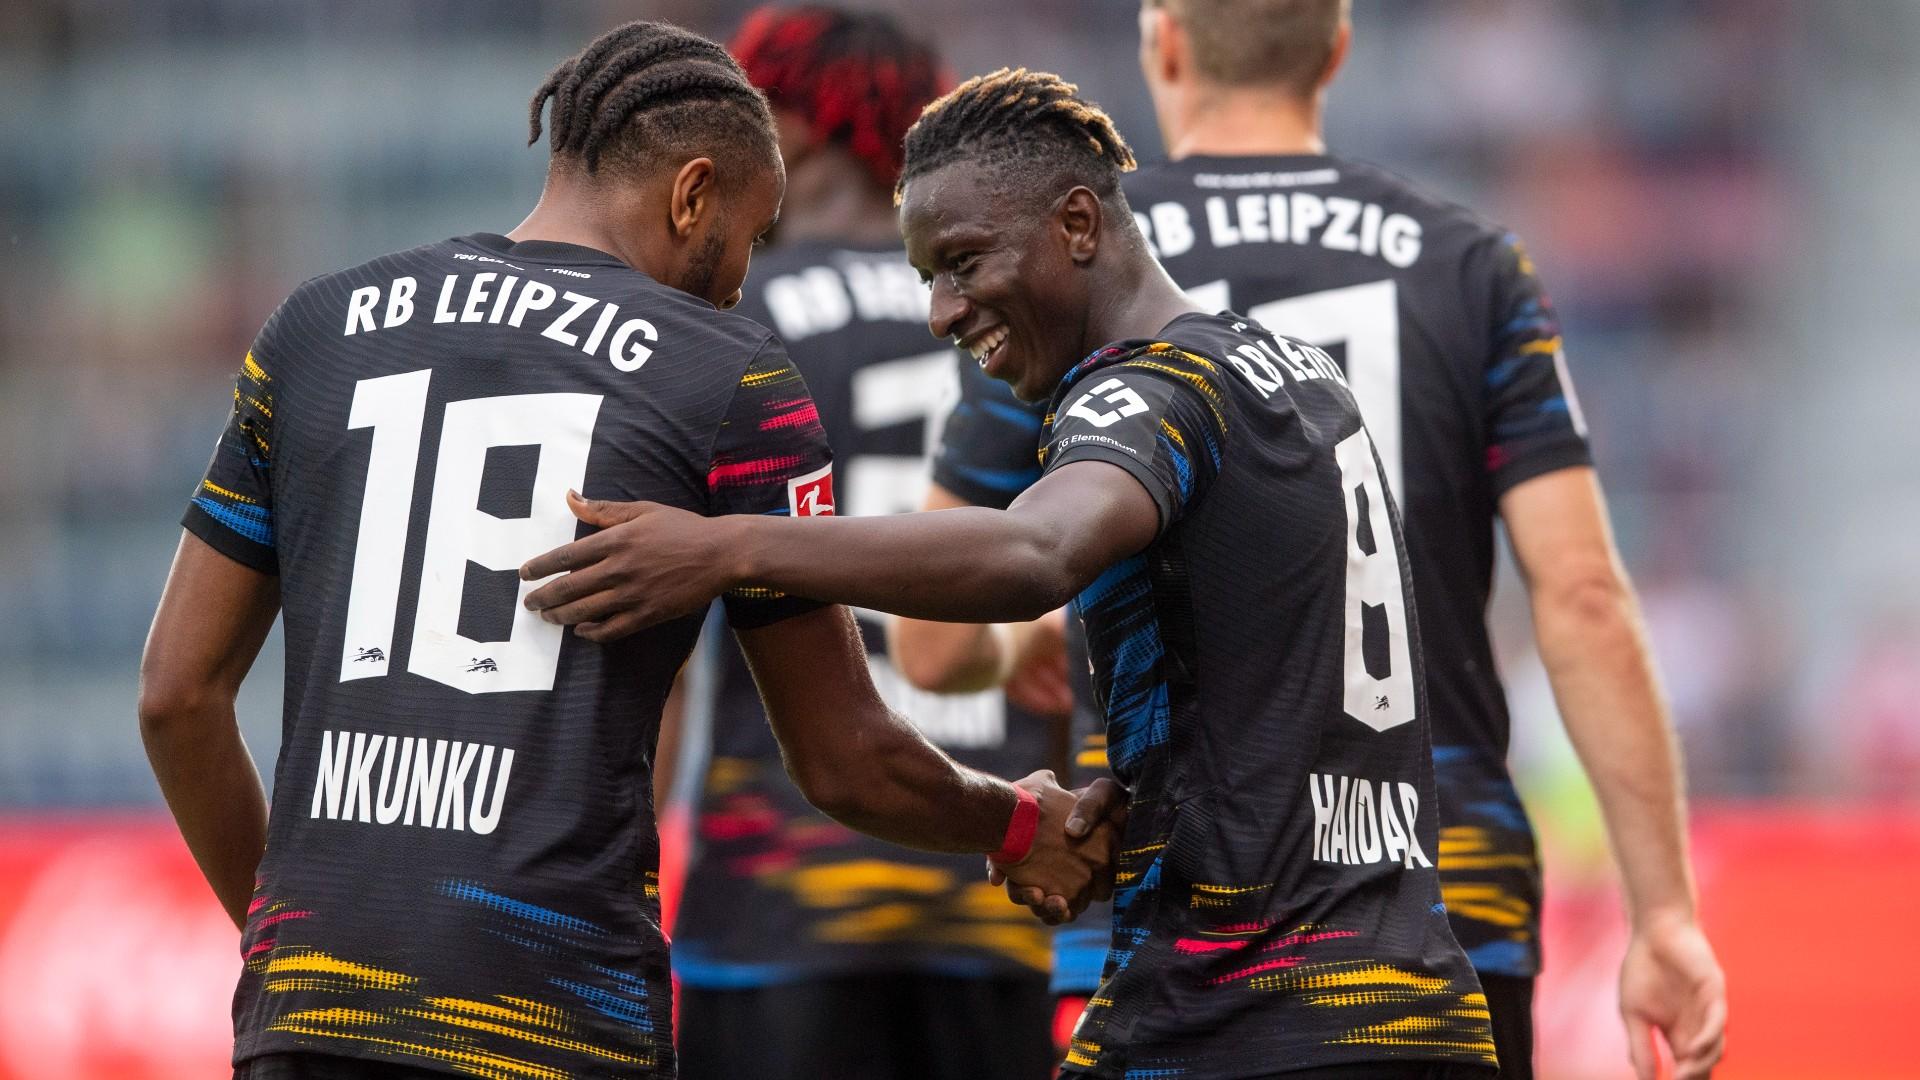 Haidara and Nkunku propel RB Leipzig past Sandhausen